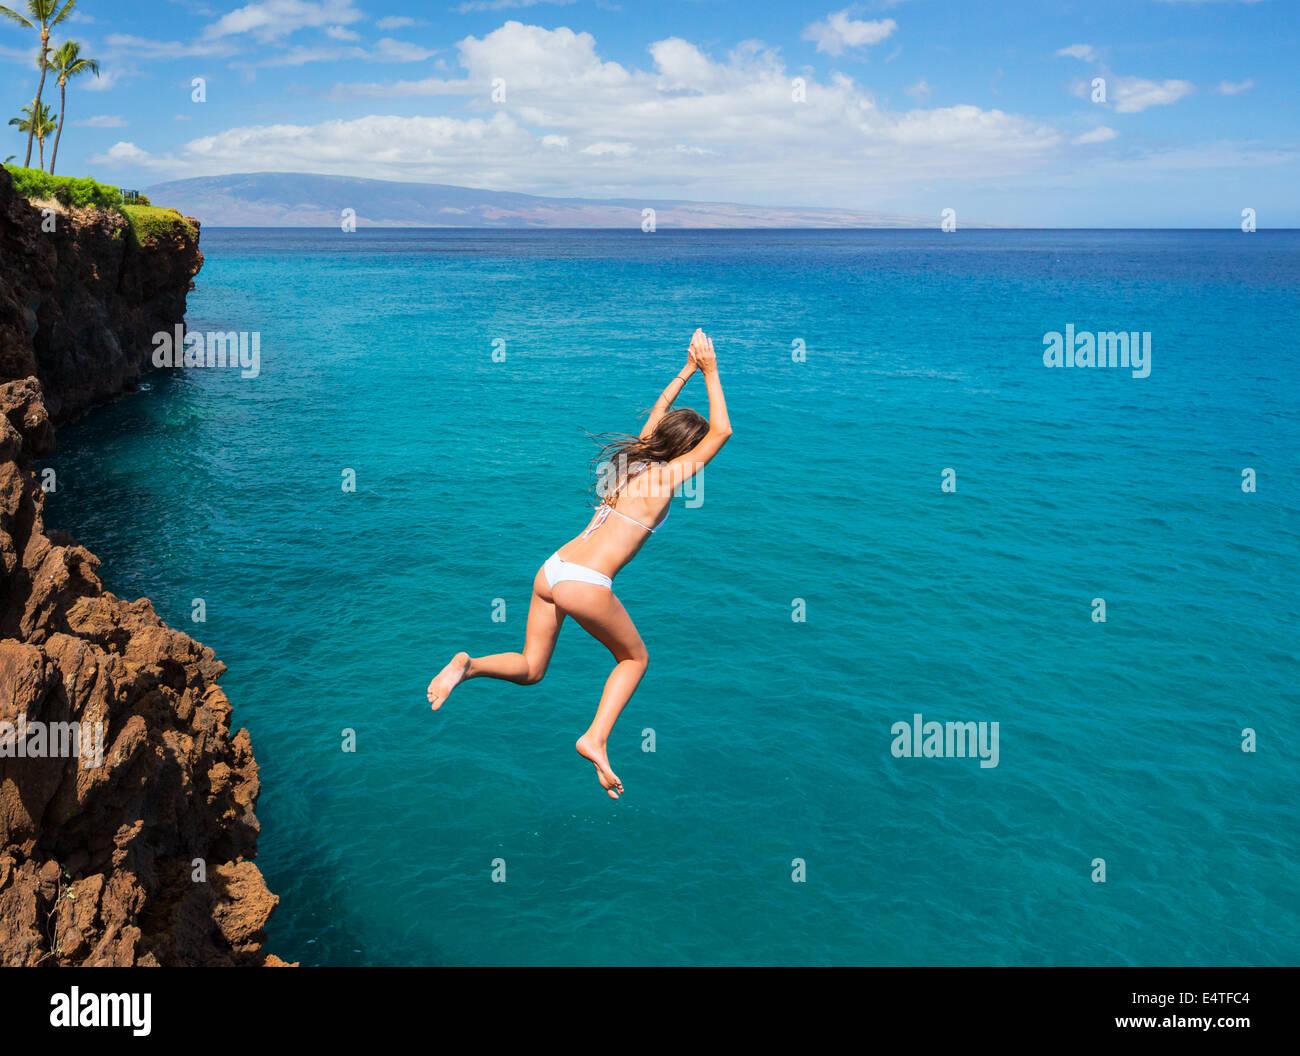 Mujer saltando desde el acantilado hacia el océano. Verano divertido estilo de vida. Imagen De Stock